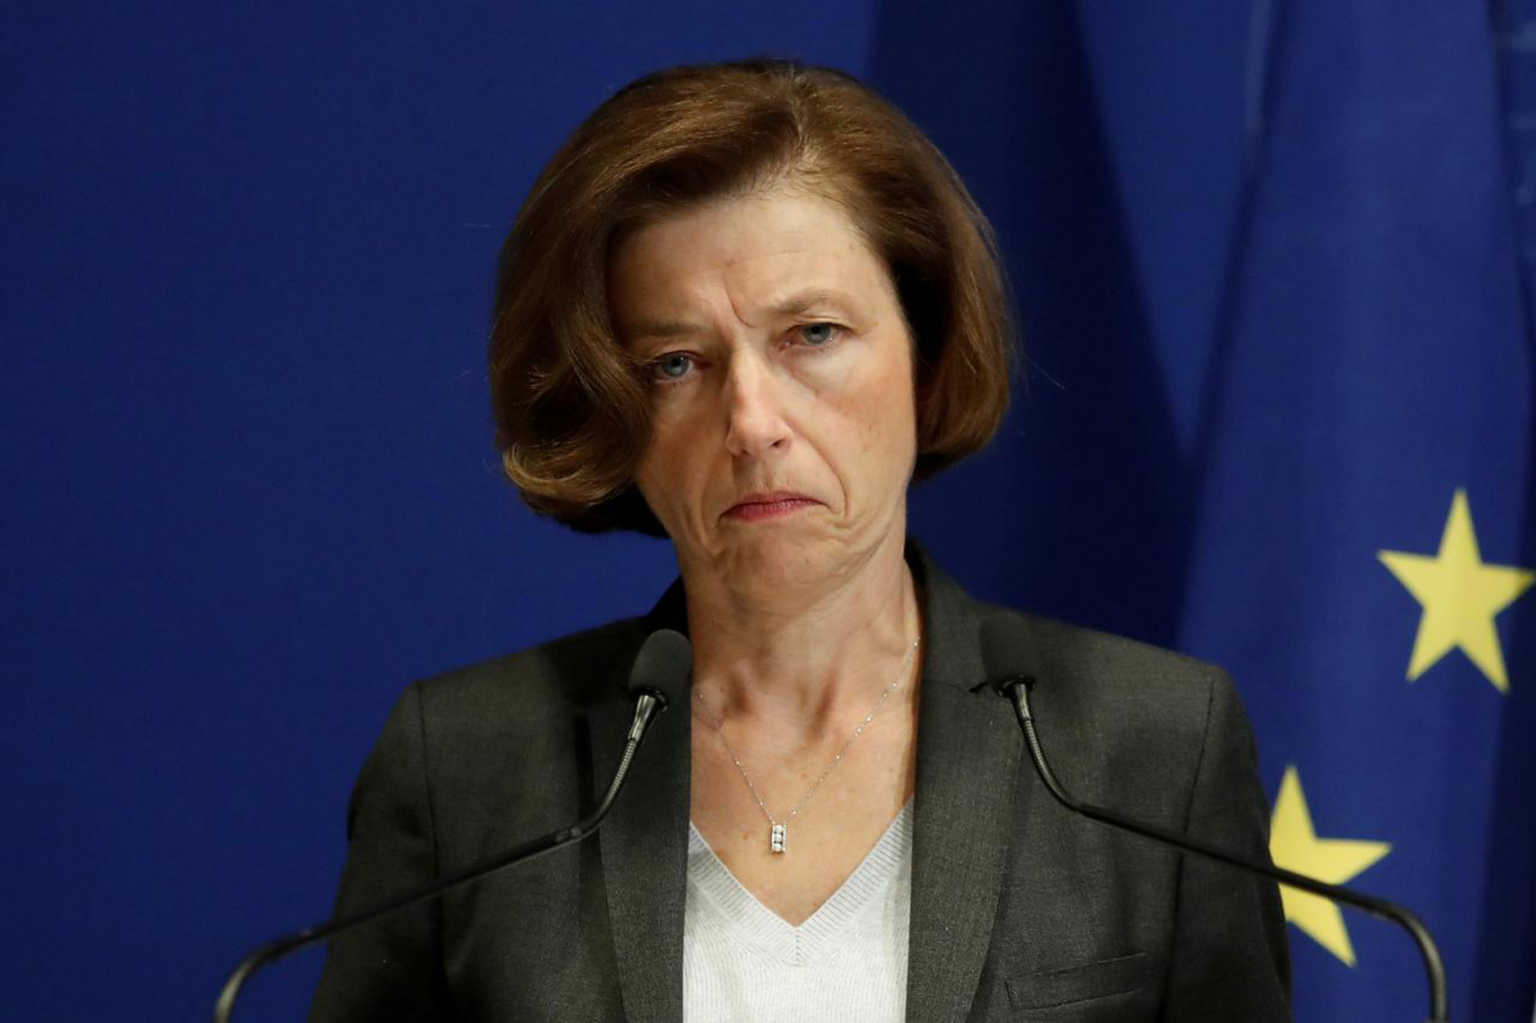 Γαλλία: Στηρίζουμε την Ελλάδα σε Αιγαίο και Ανατολική Μεσόγειο